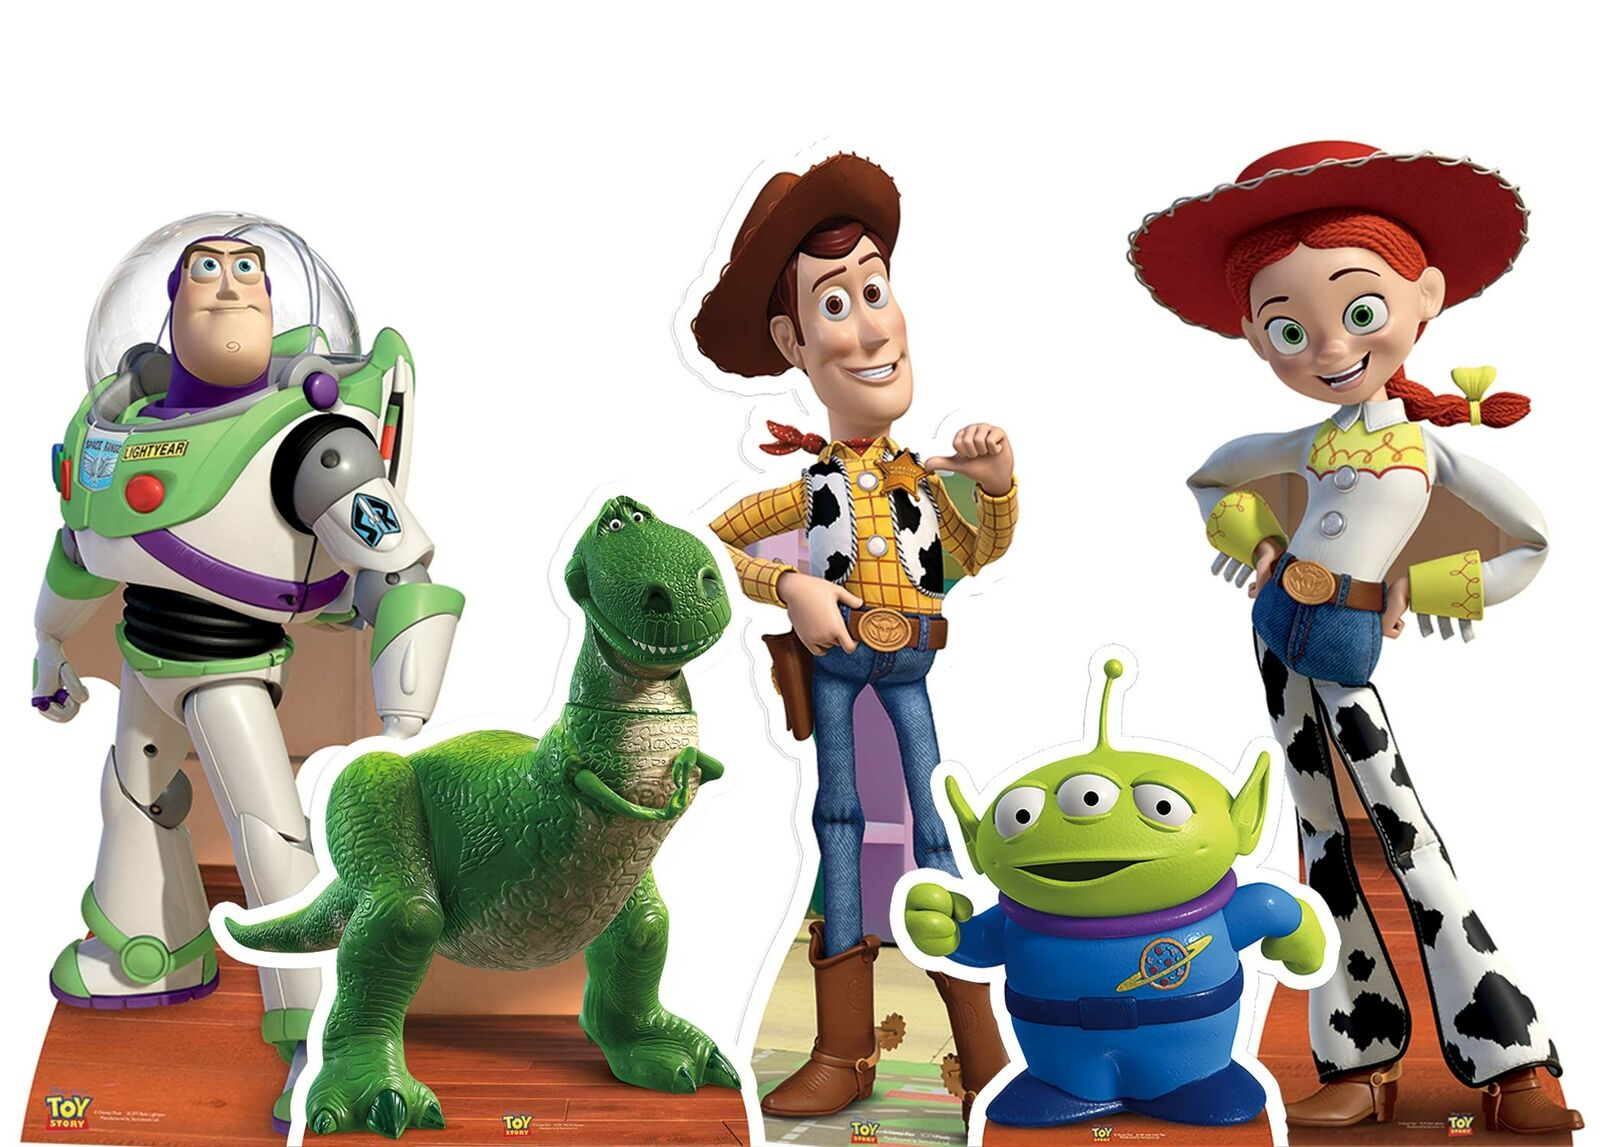 Toy Story Cardboard Cutouts Set of 5 - Woody Rex Buzz Lightyear Jessie Party